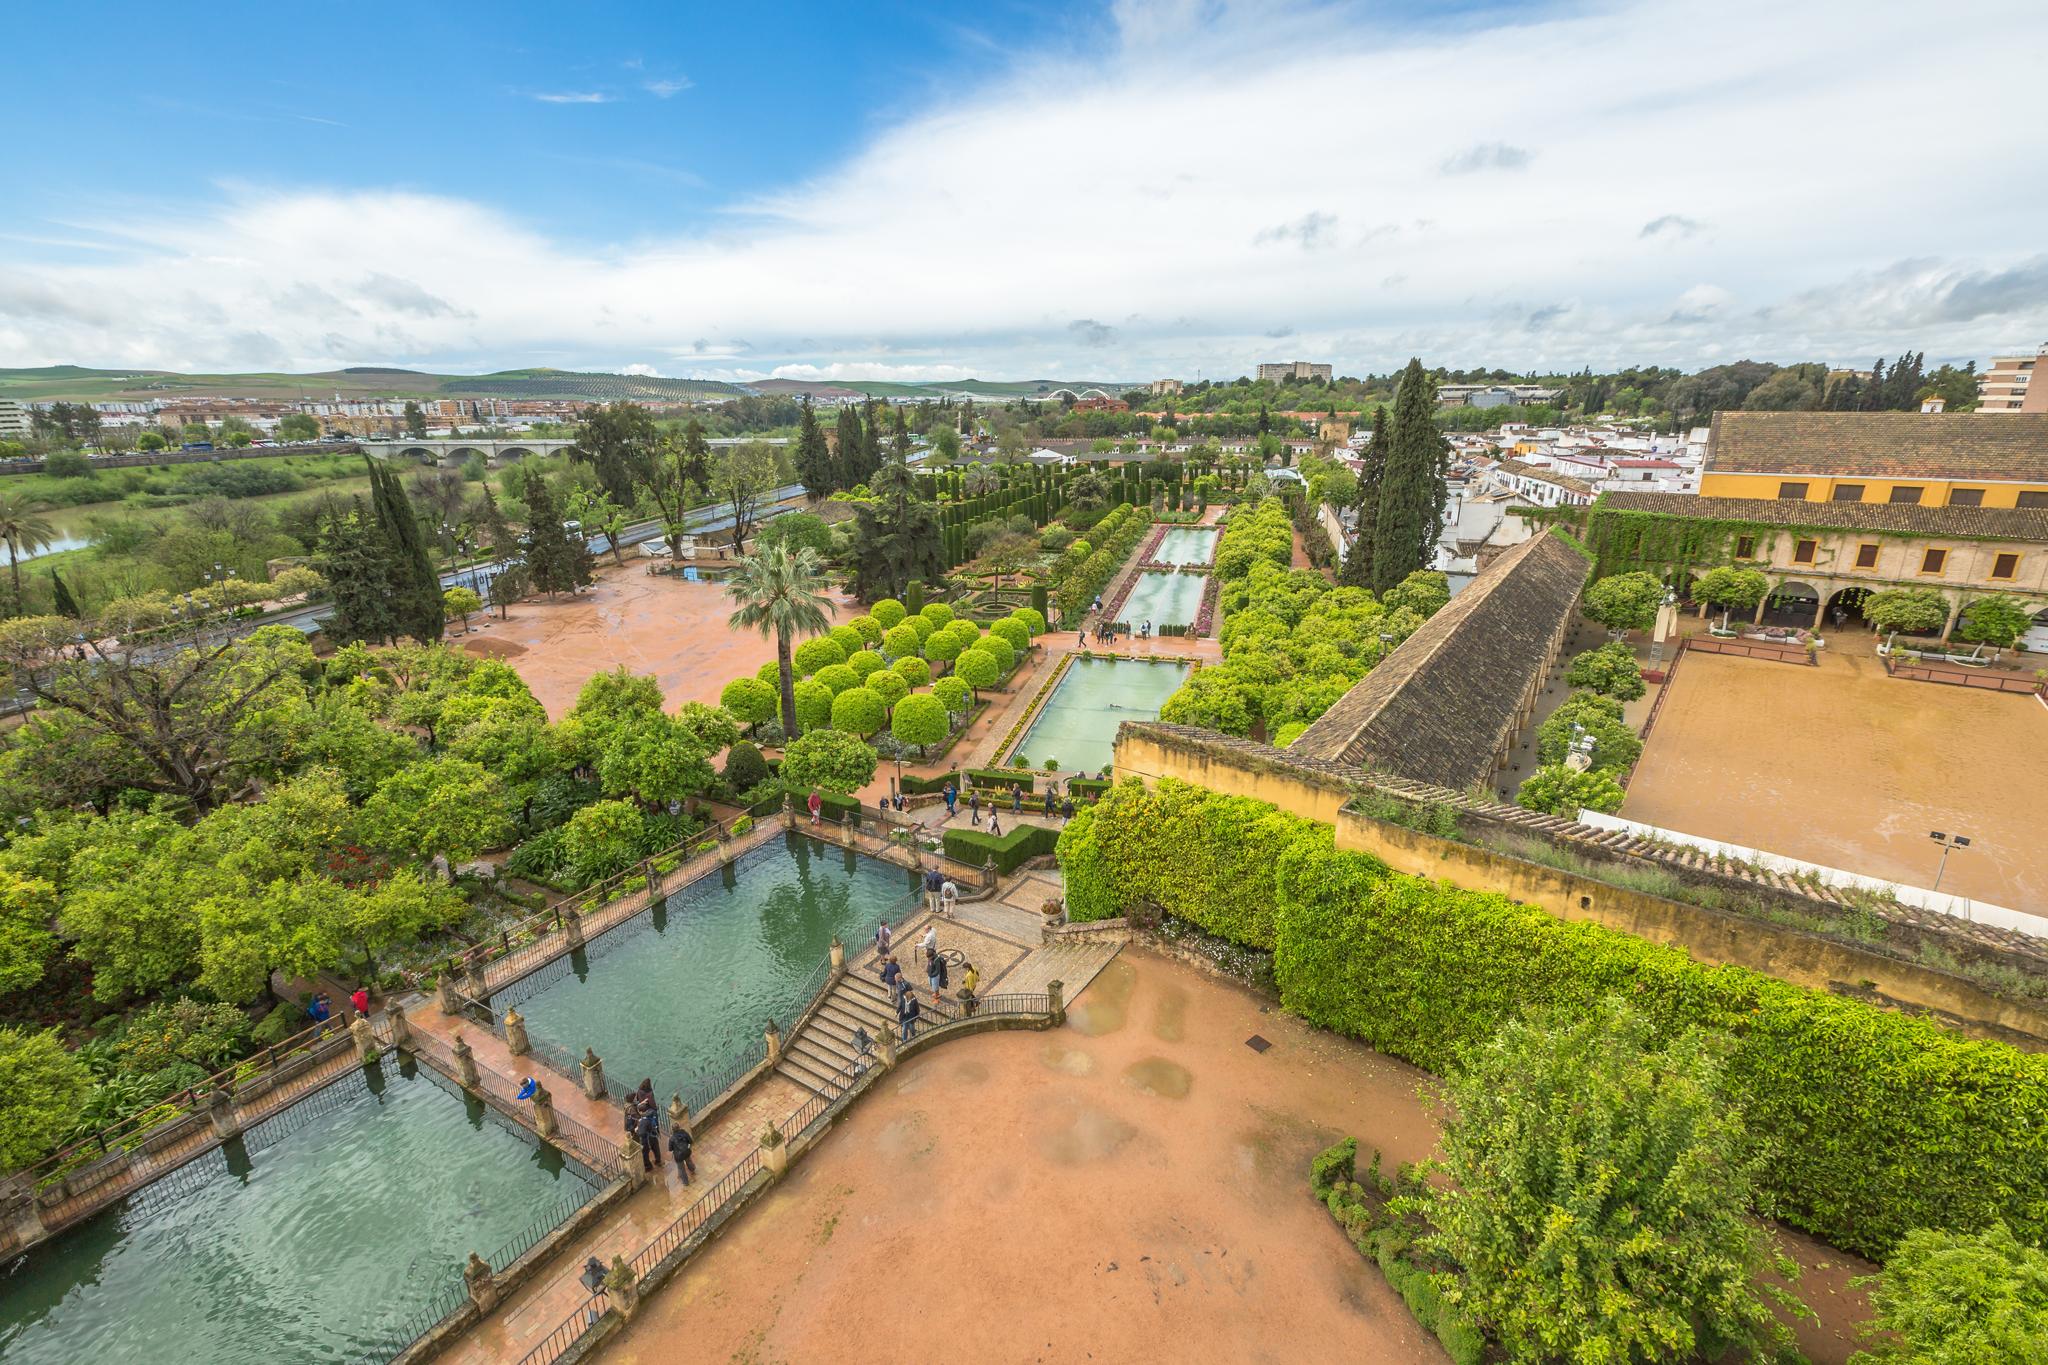 Qué ver en Córdoba - Alcázar de los Reyes Cristianos